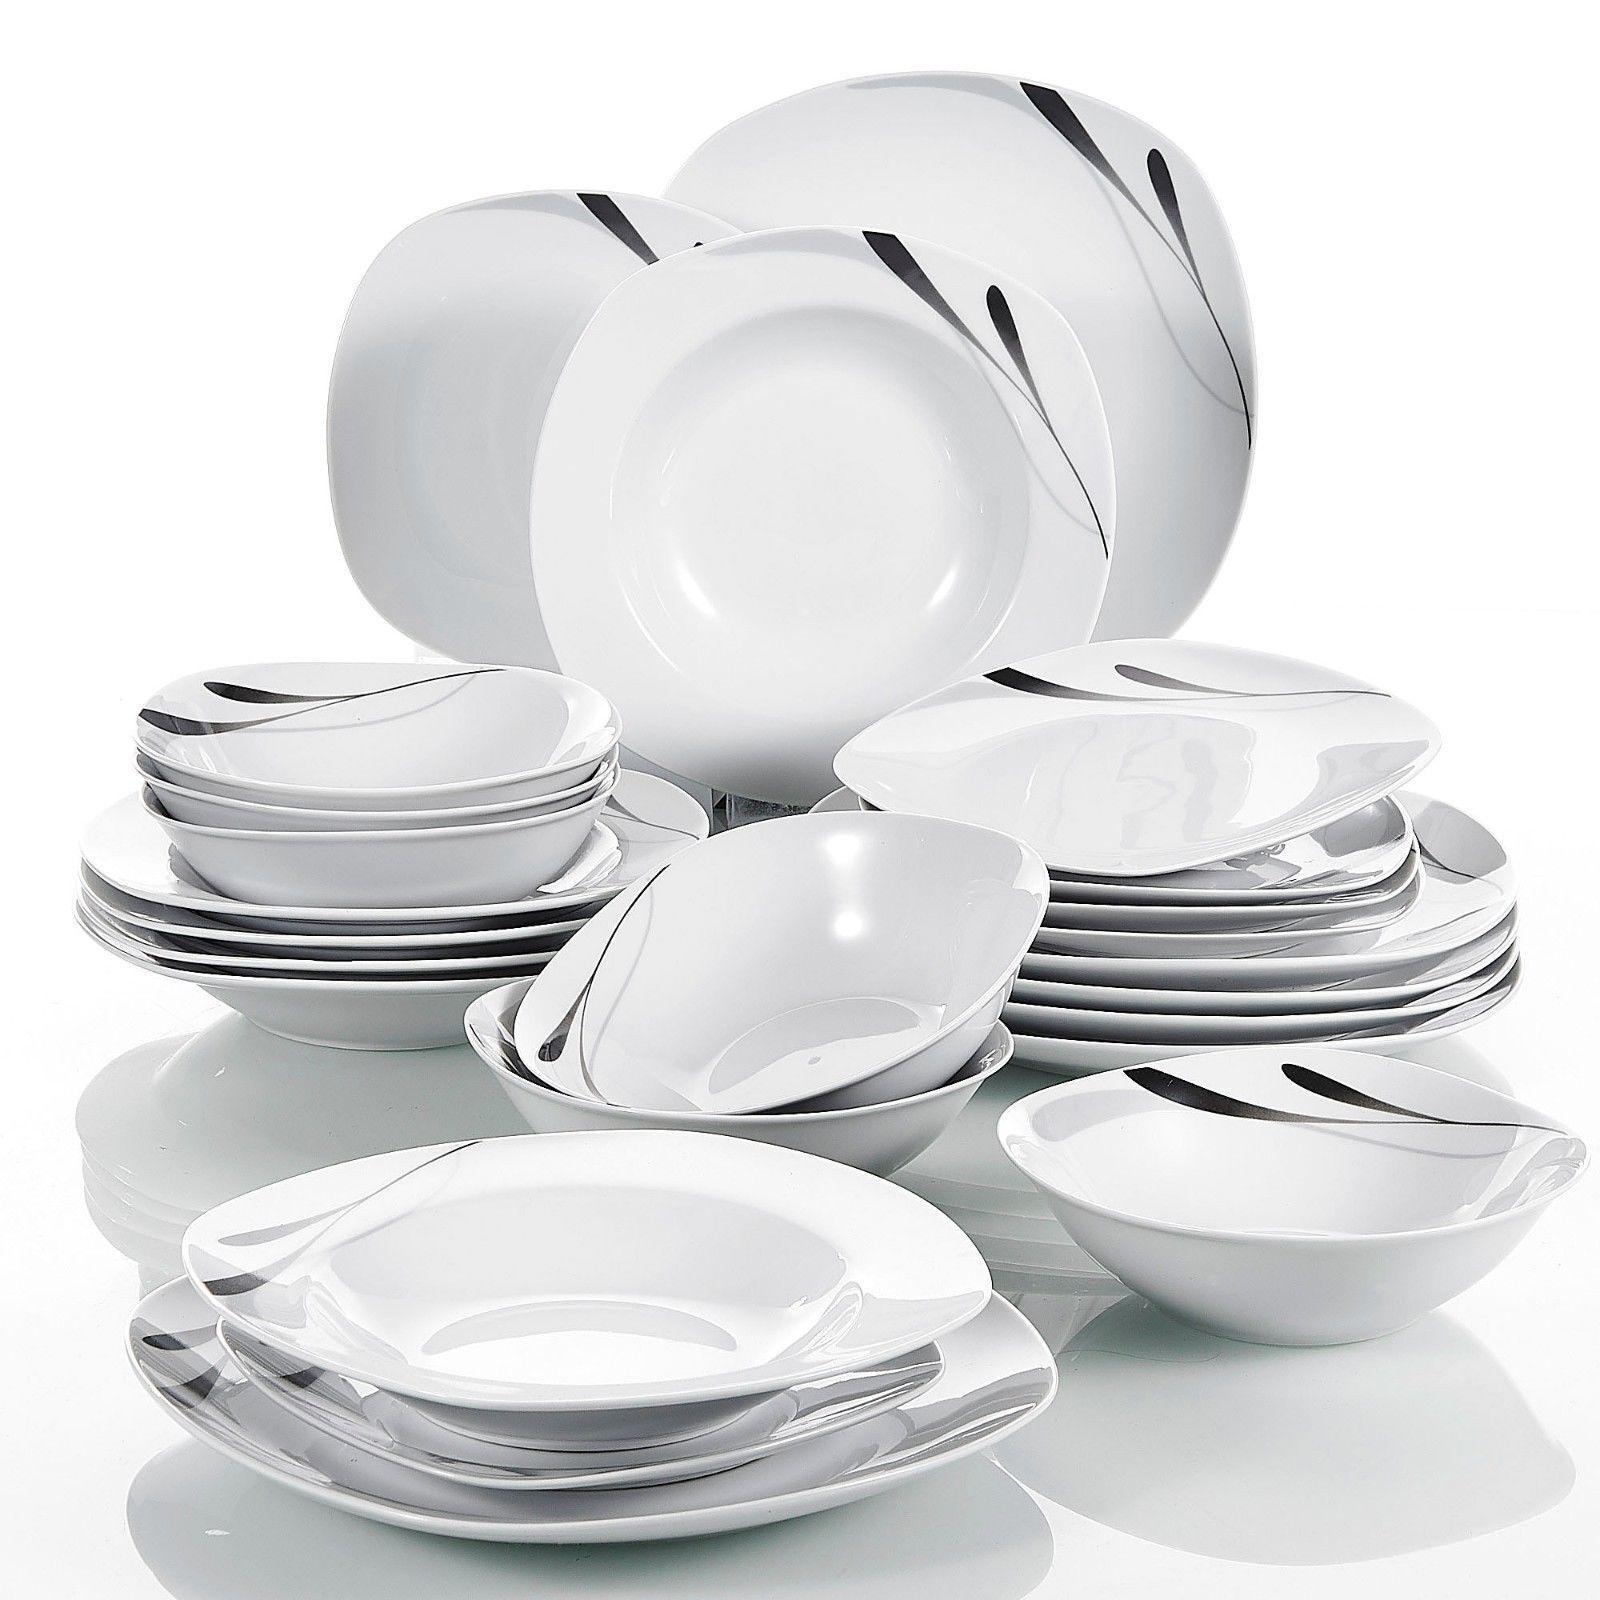 Set da cena 24Pcs stoviglie Sala da Pranzo Piastre Ciotole elegante servizio da tavola per 6 PERSONE NUOVO